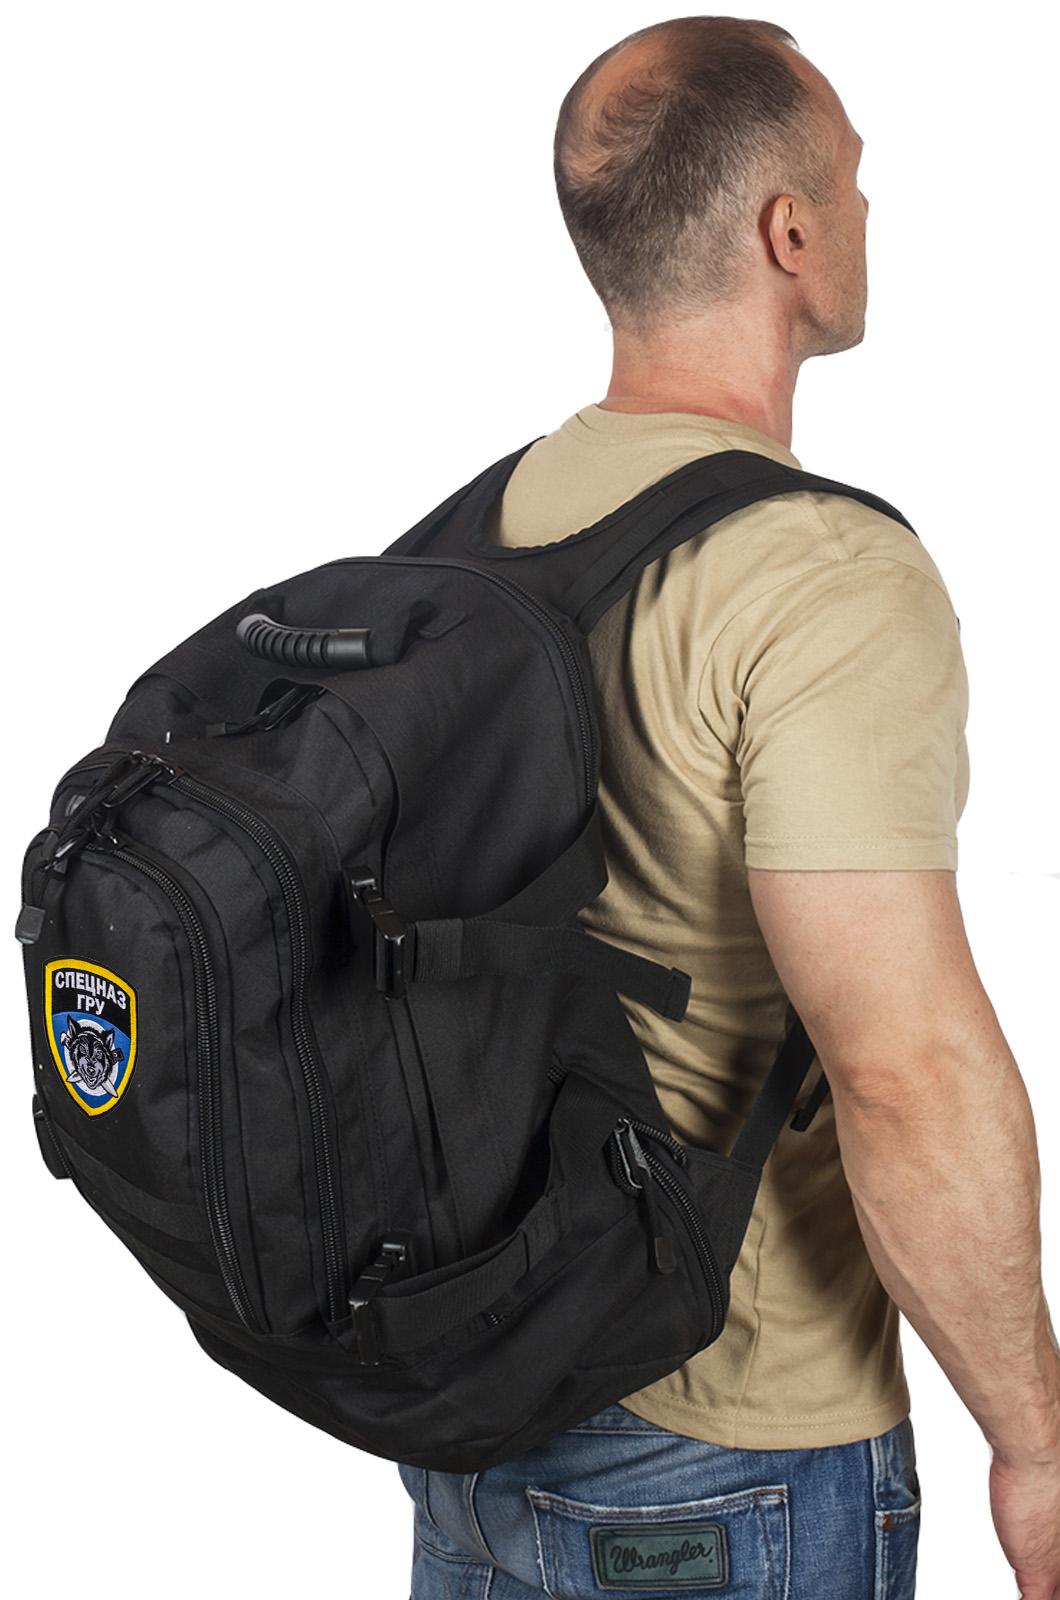 Купить в интернет магазине недорогой спецназовский рюкзак